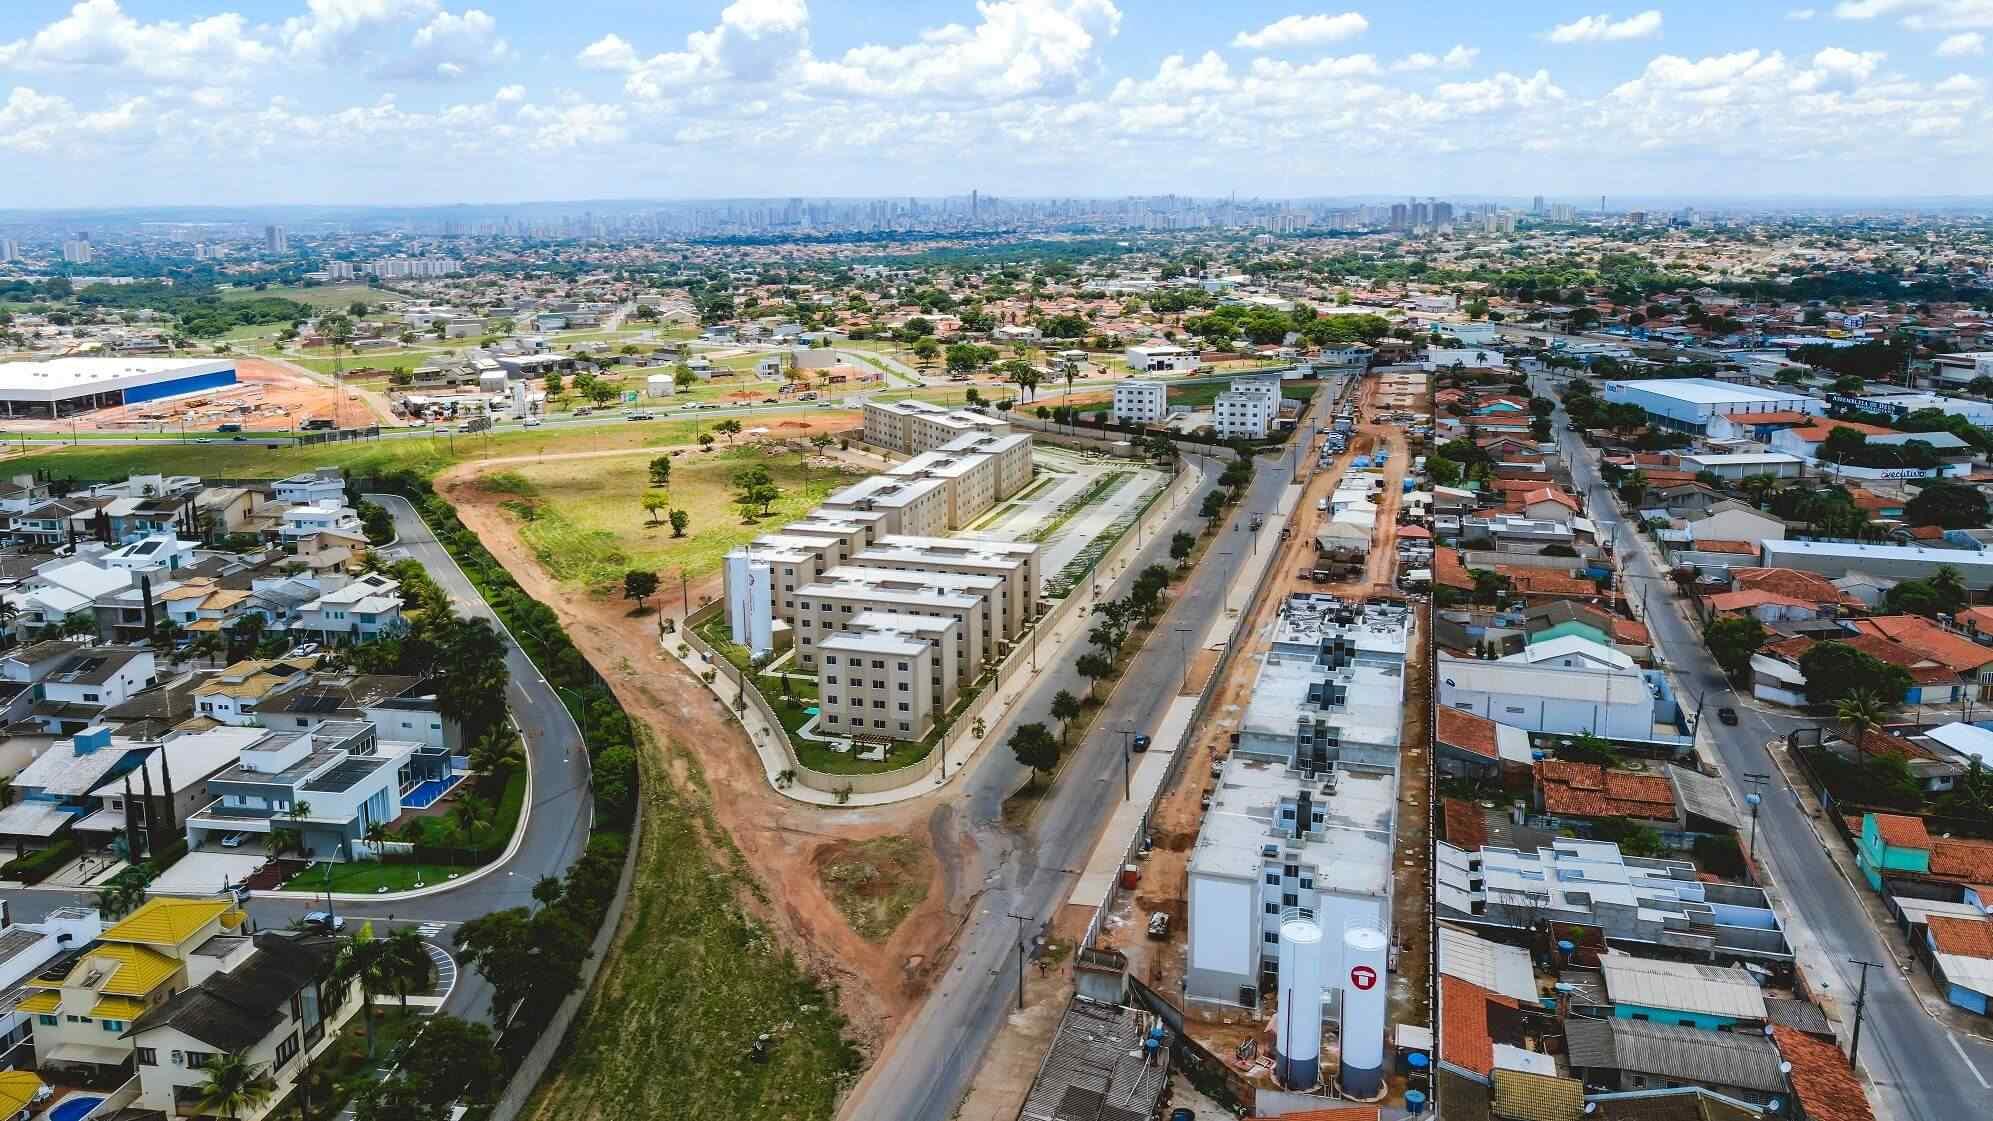 Fotos de obras no empreendimento Parque Cerrado III | Goiânia | GO | foto 1 | tenda.com